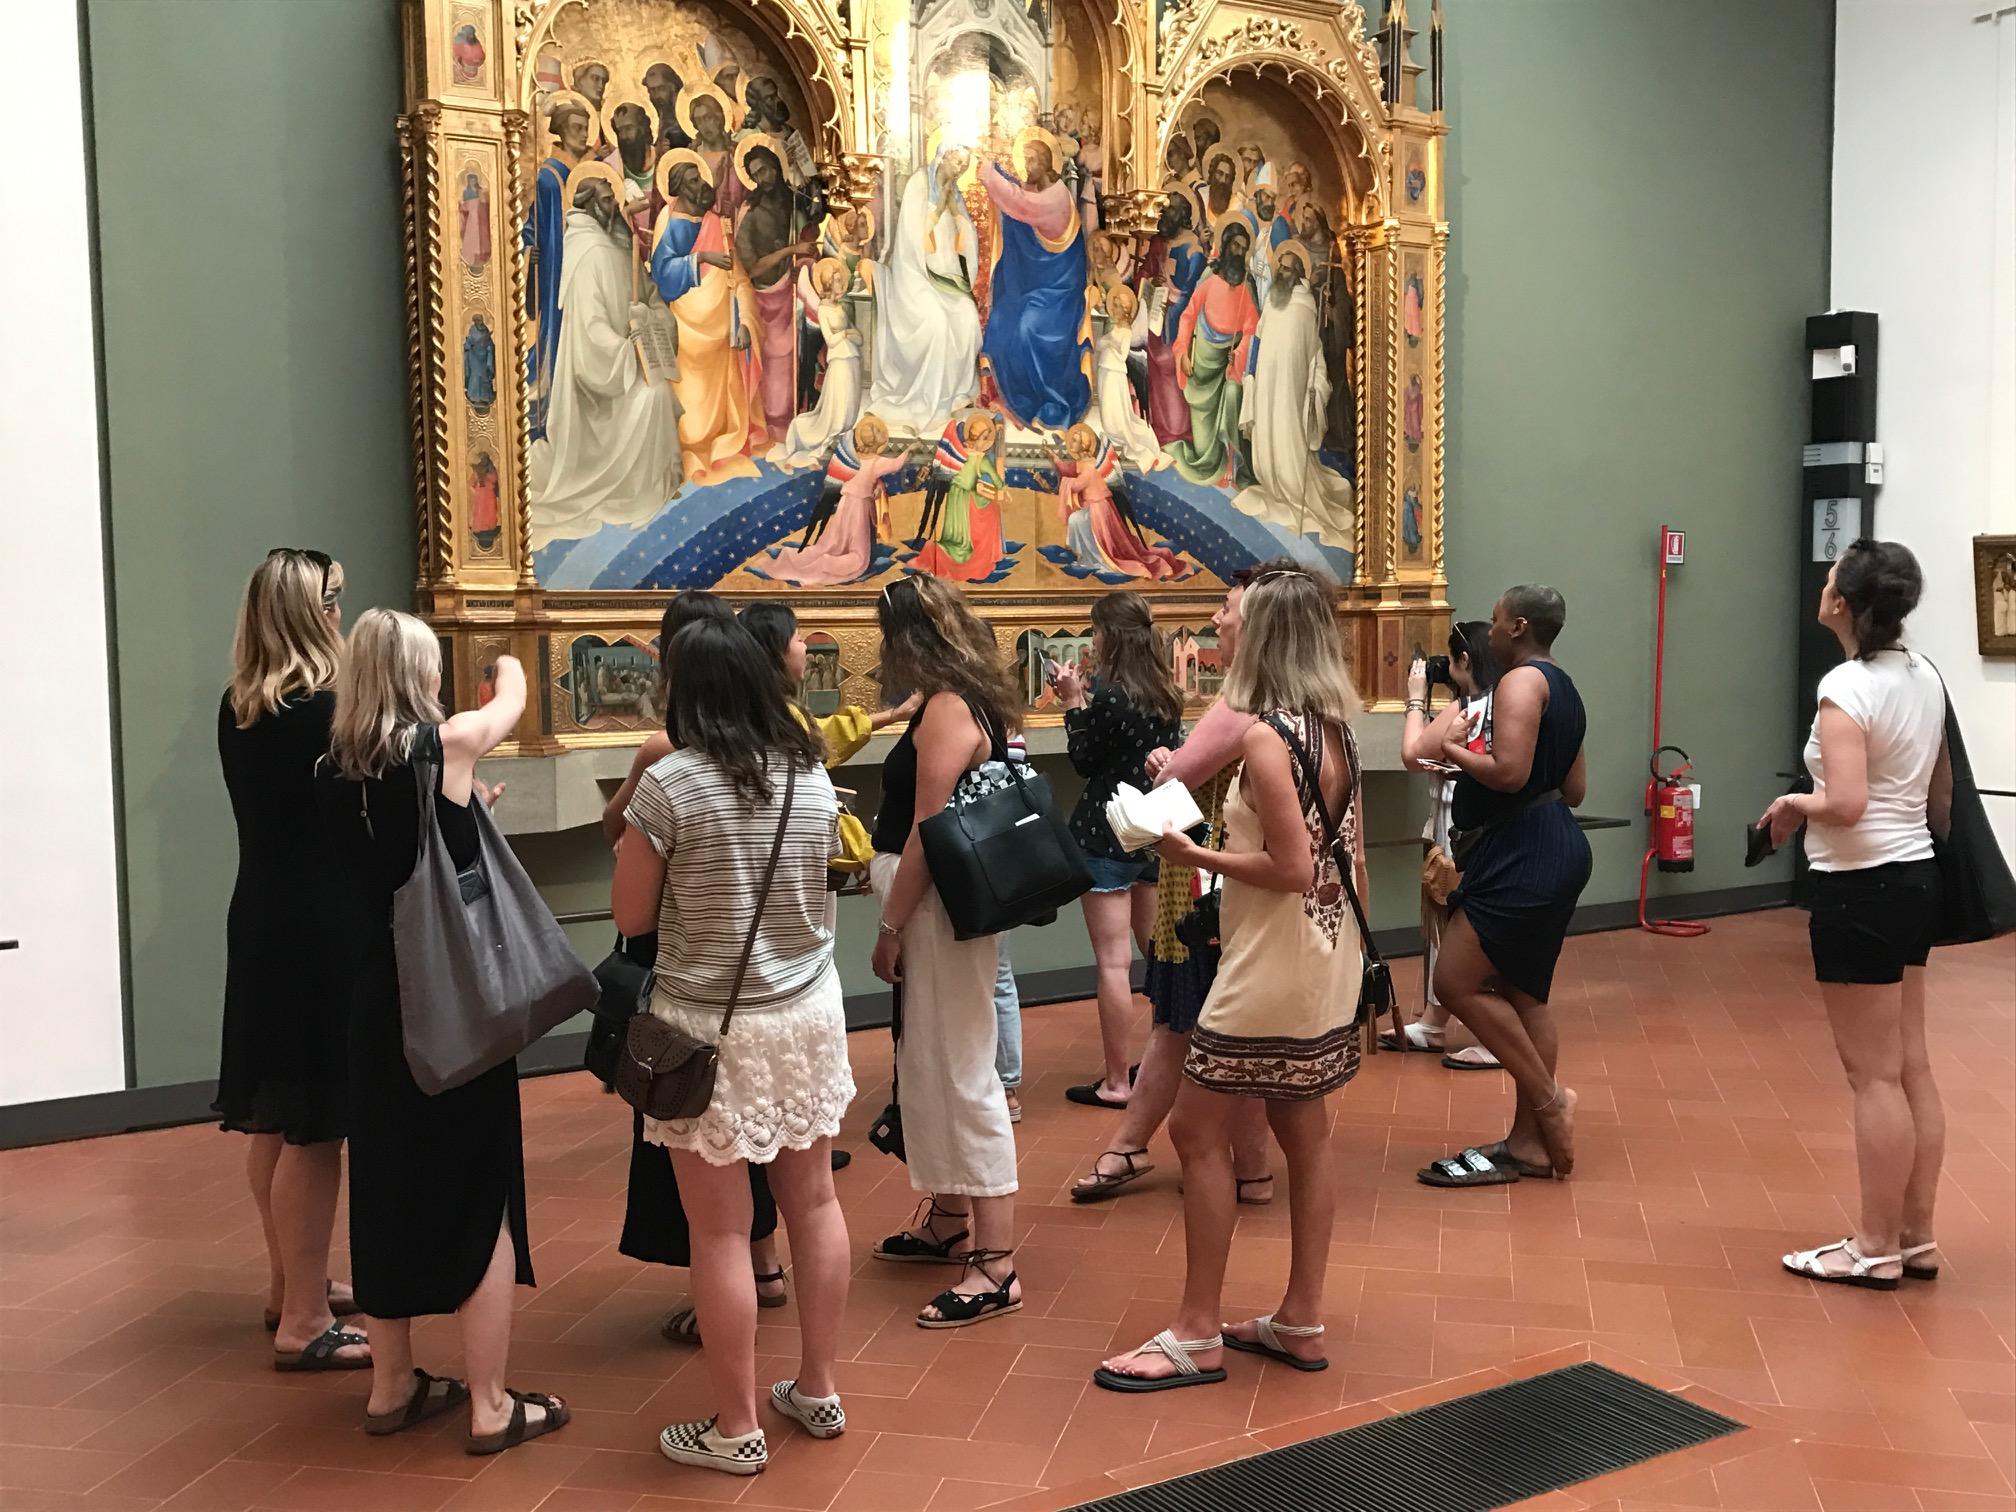 Uffizi3.jpg